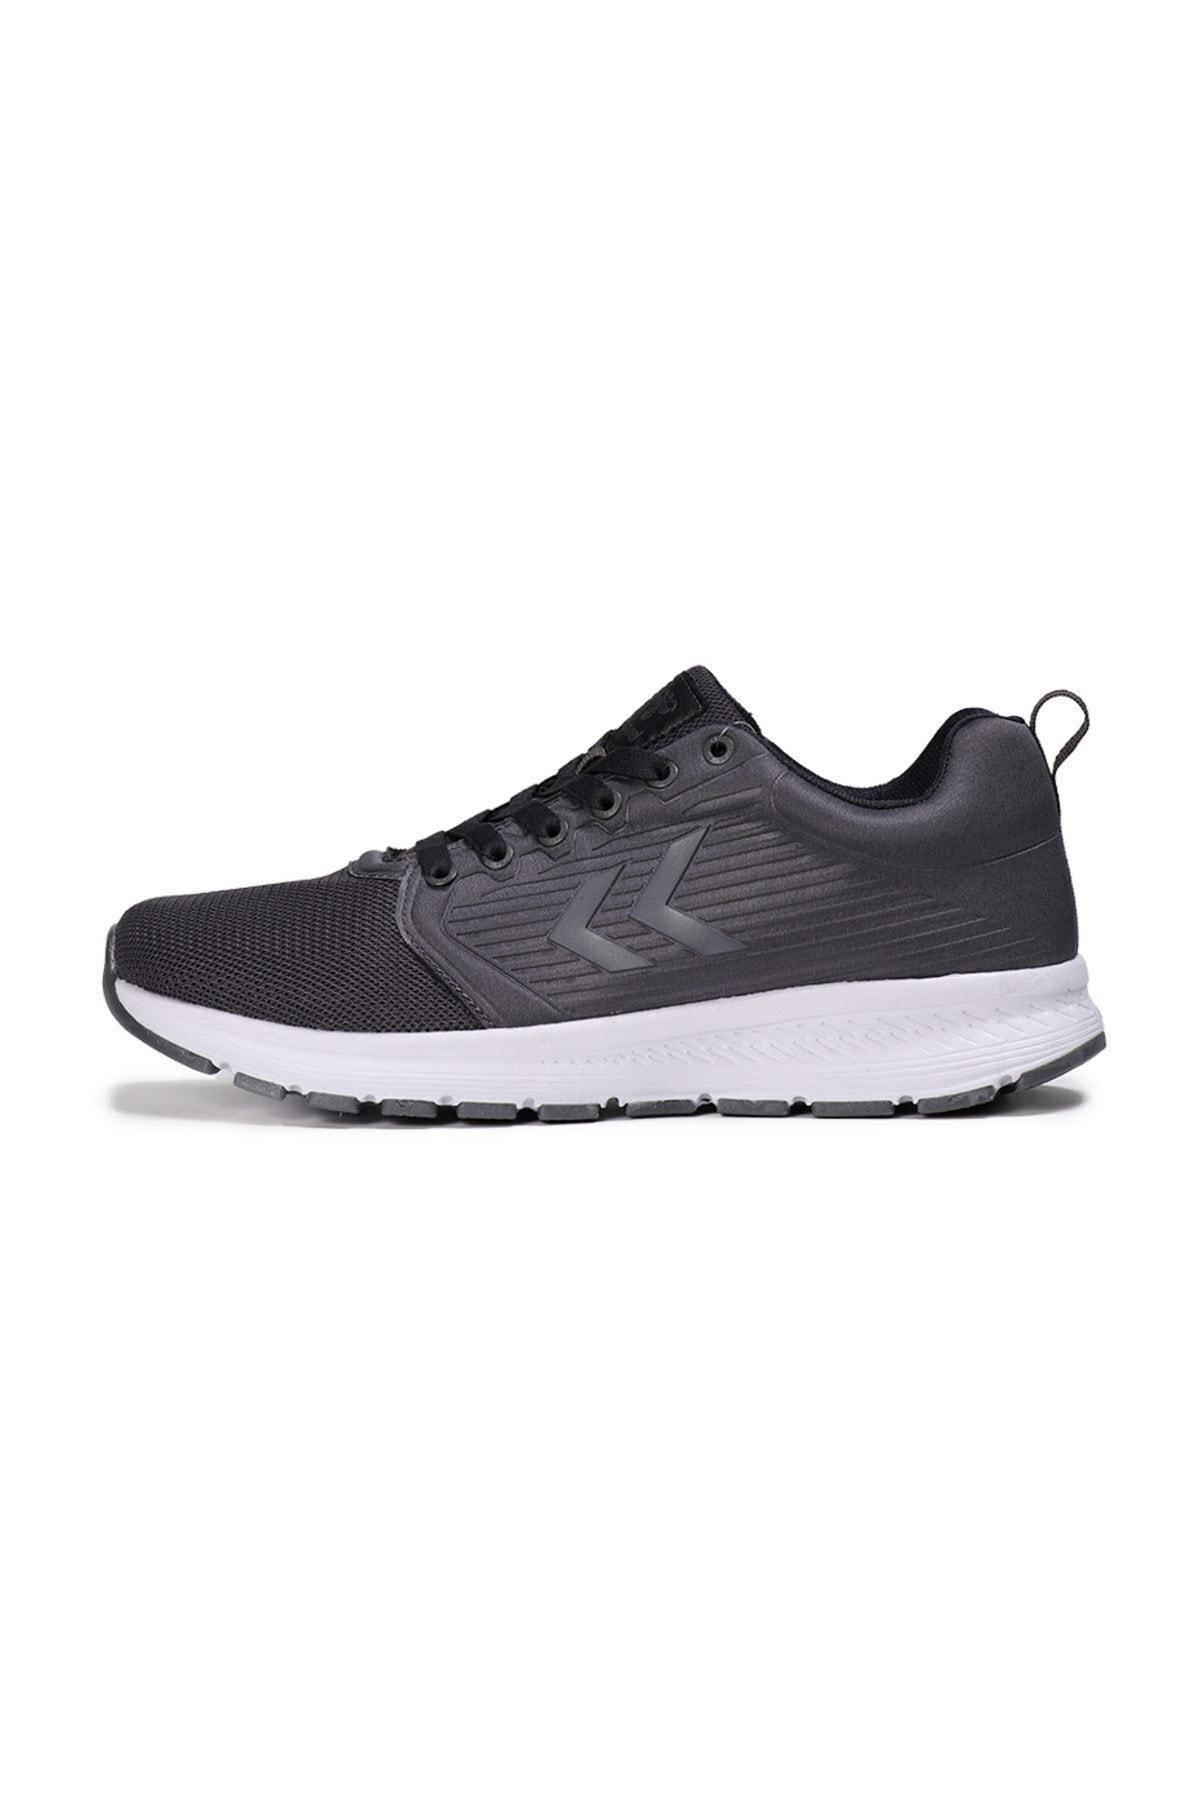 HUMMEL ATHLETIC-2 Gri Erkek Koşu Ayakkabısı 100549504 2